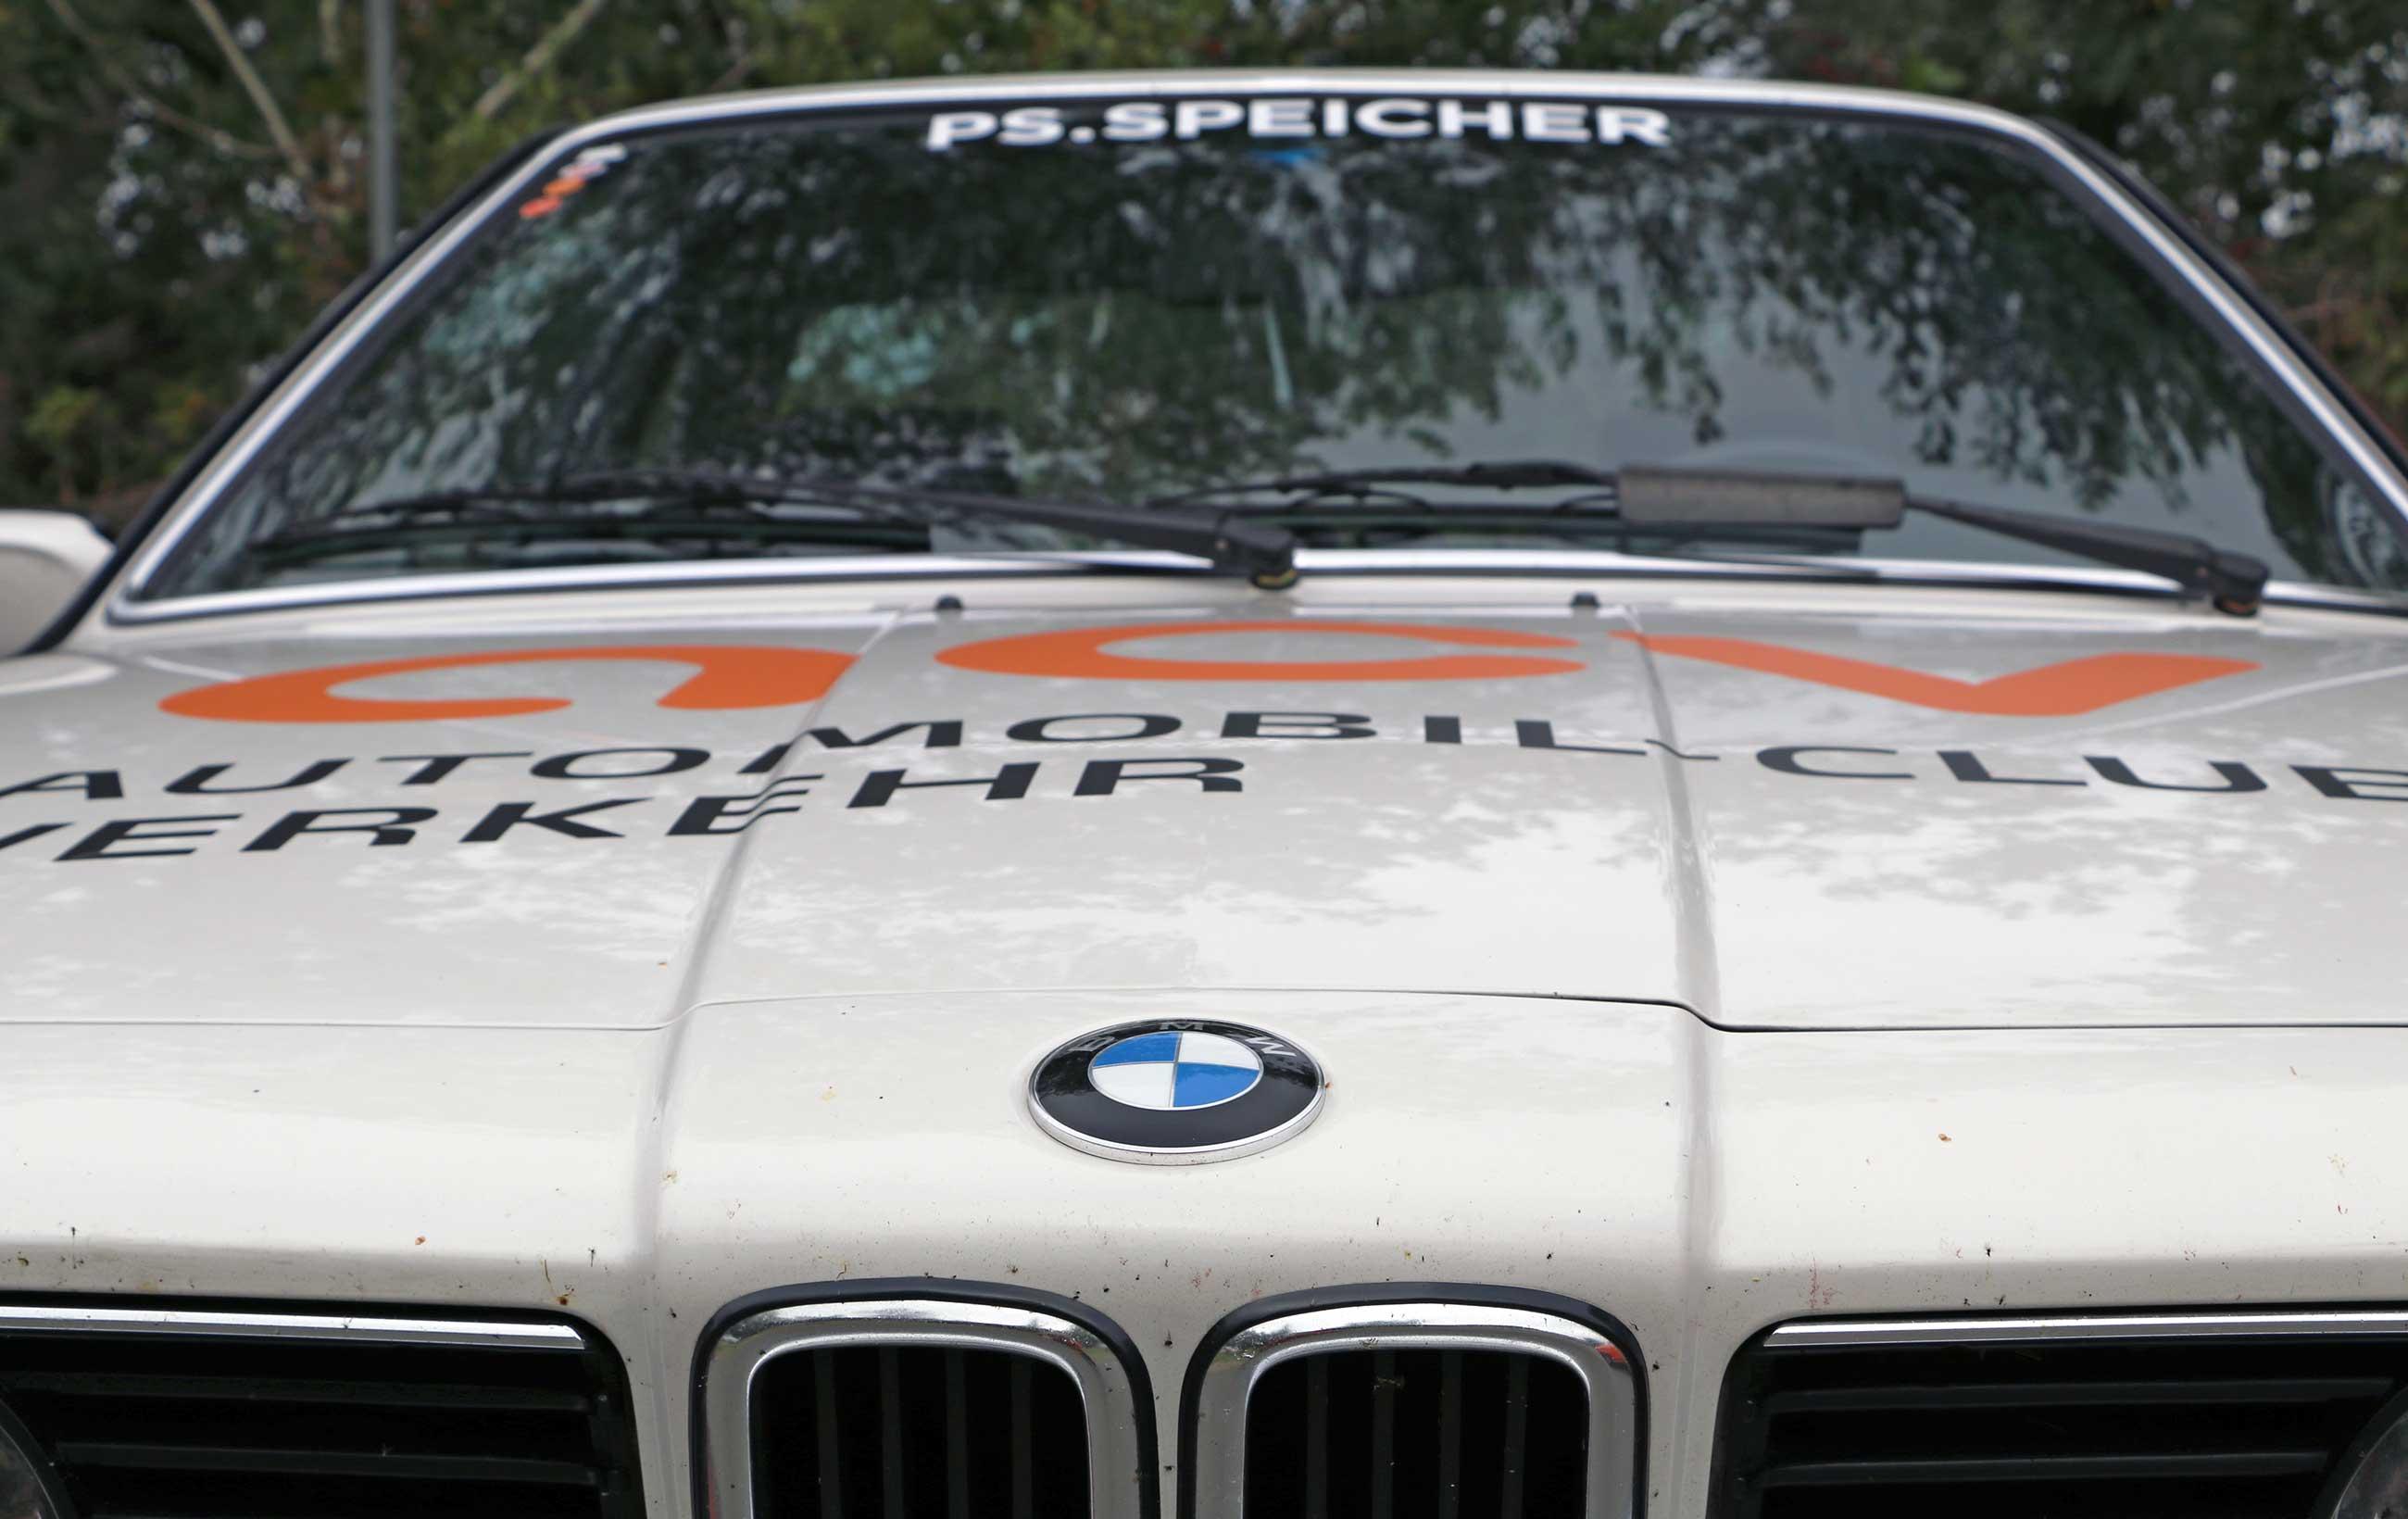 Bericht: Meine Teilnahme an der Creme 21 Youngtimer Rallye 2019 Creme-21-Youngtimer-Rallye-2019_Nachbericht_41